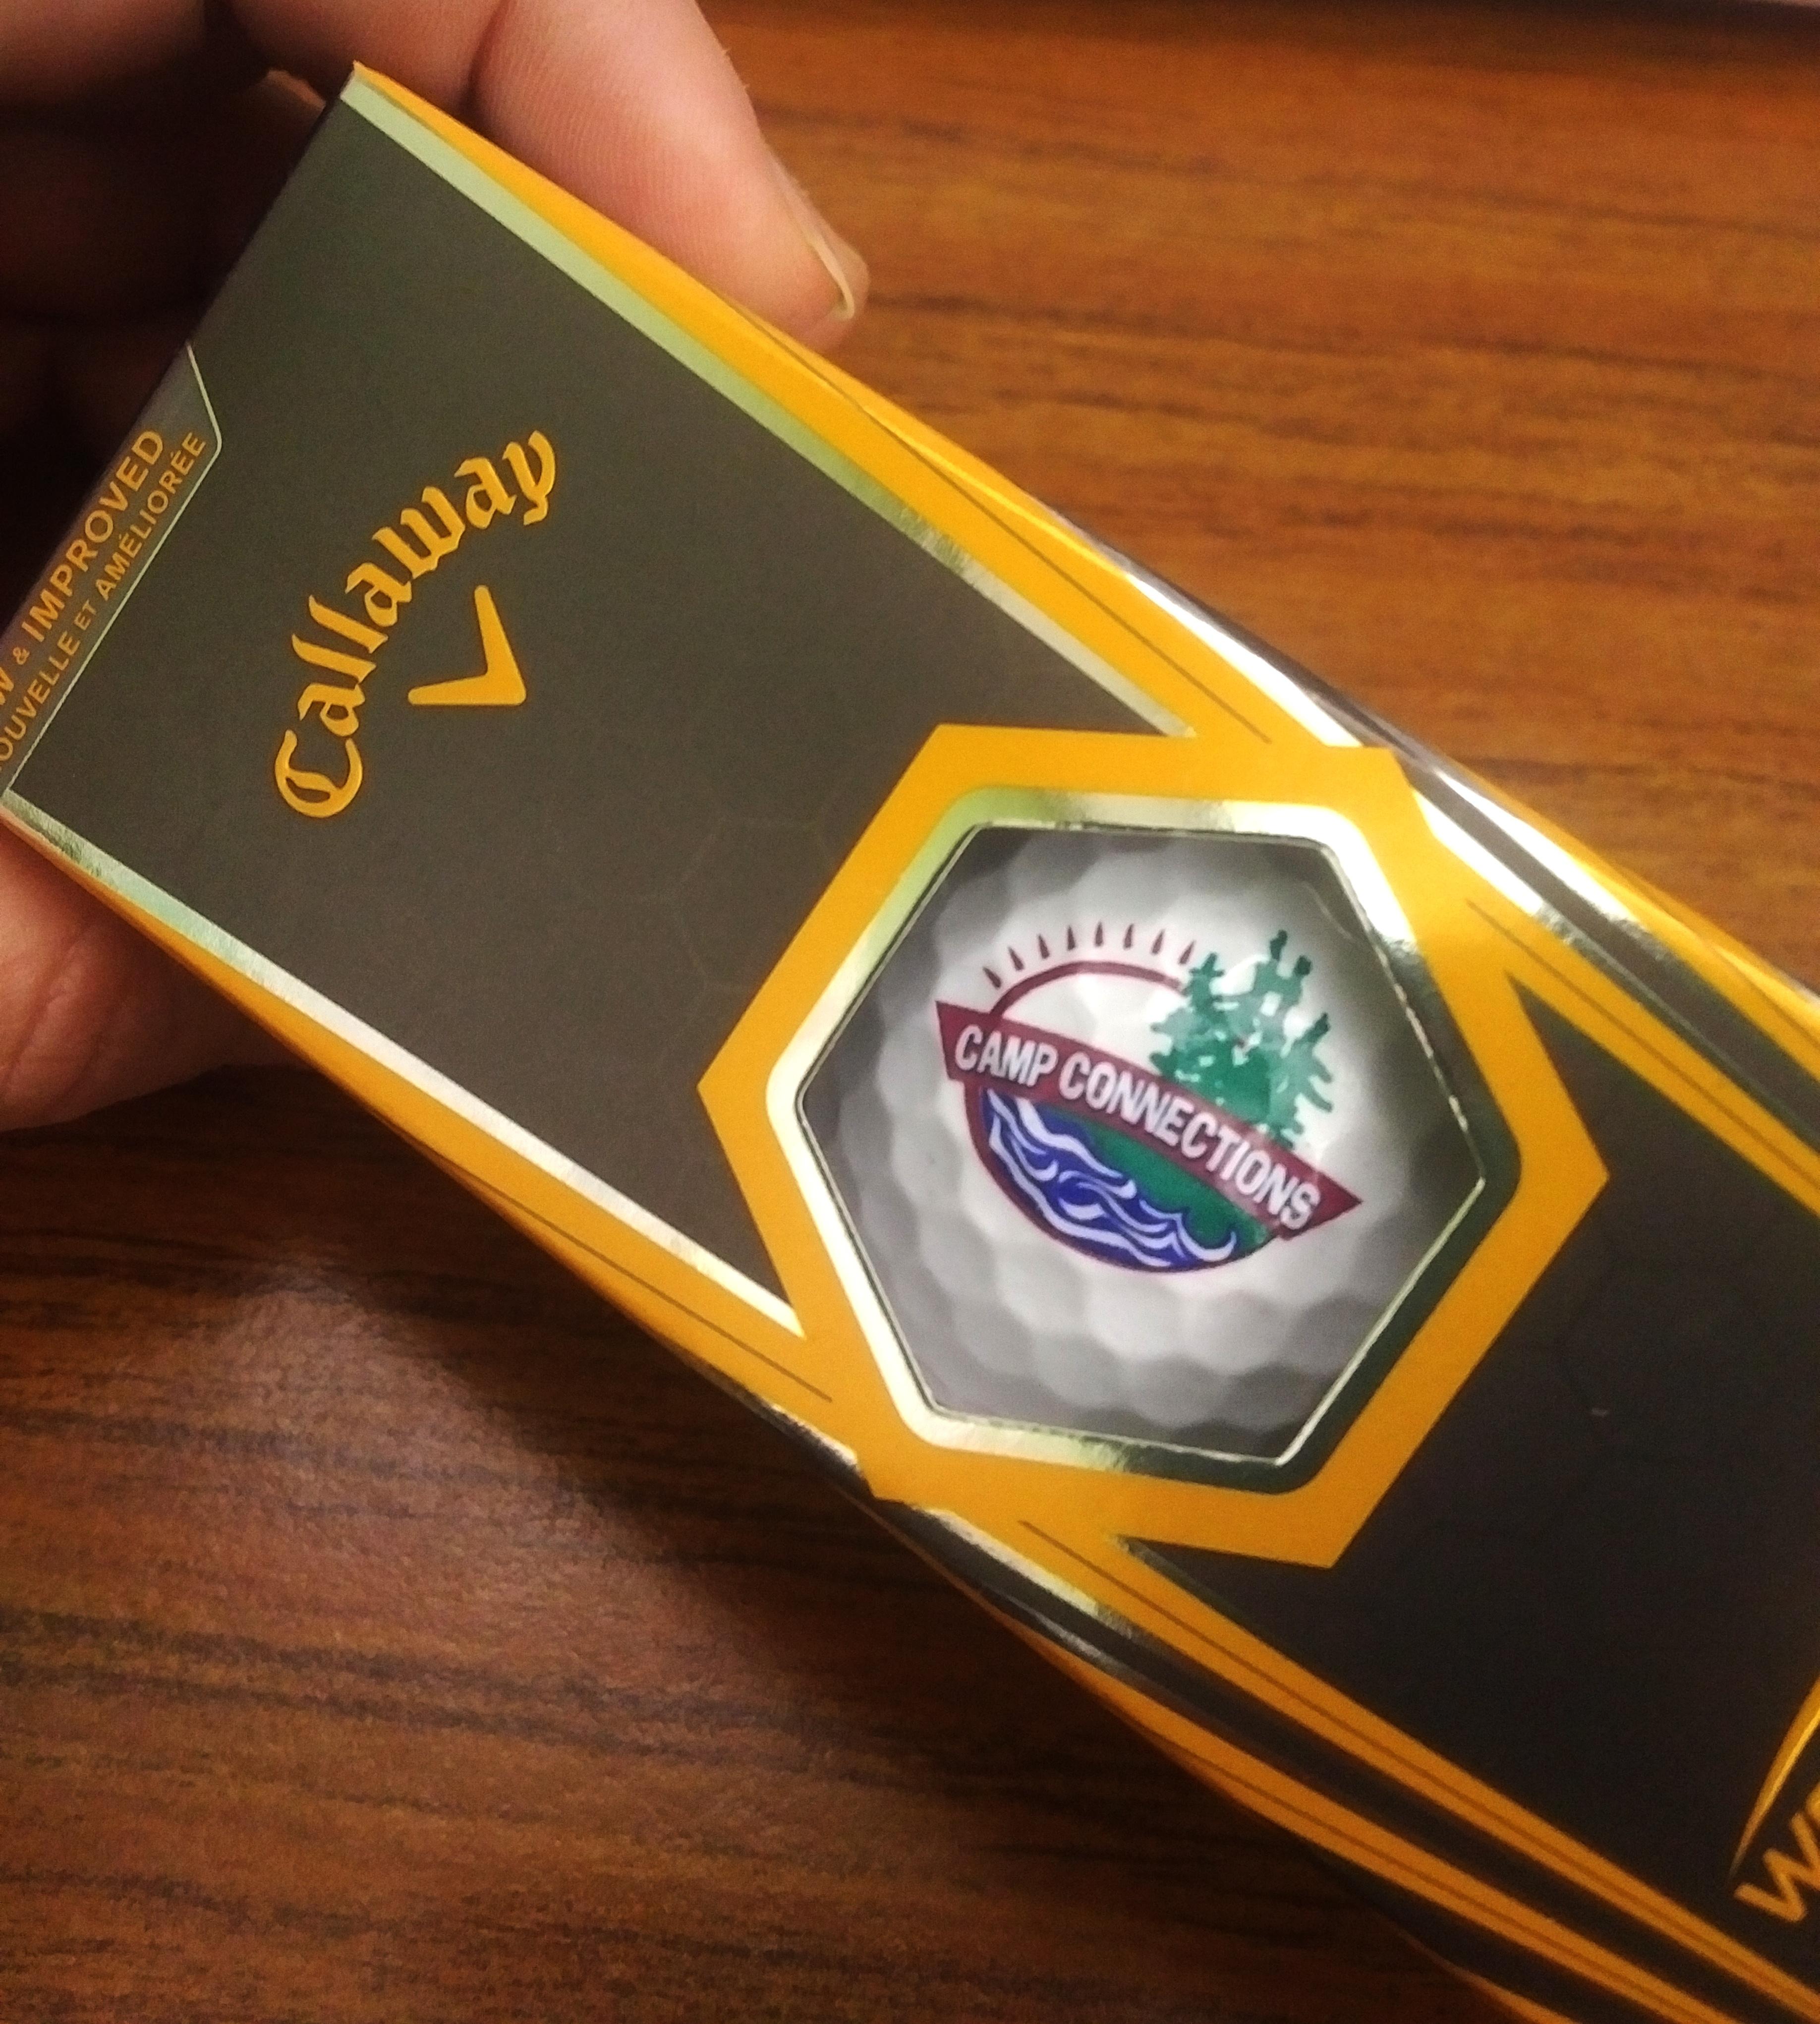 https://0901.nccdn.net/4_2/000/000/06b/a1b/calgary-custom-golf-balls-screen-print-logo-3672x4083.jpg